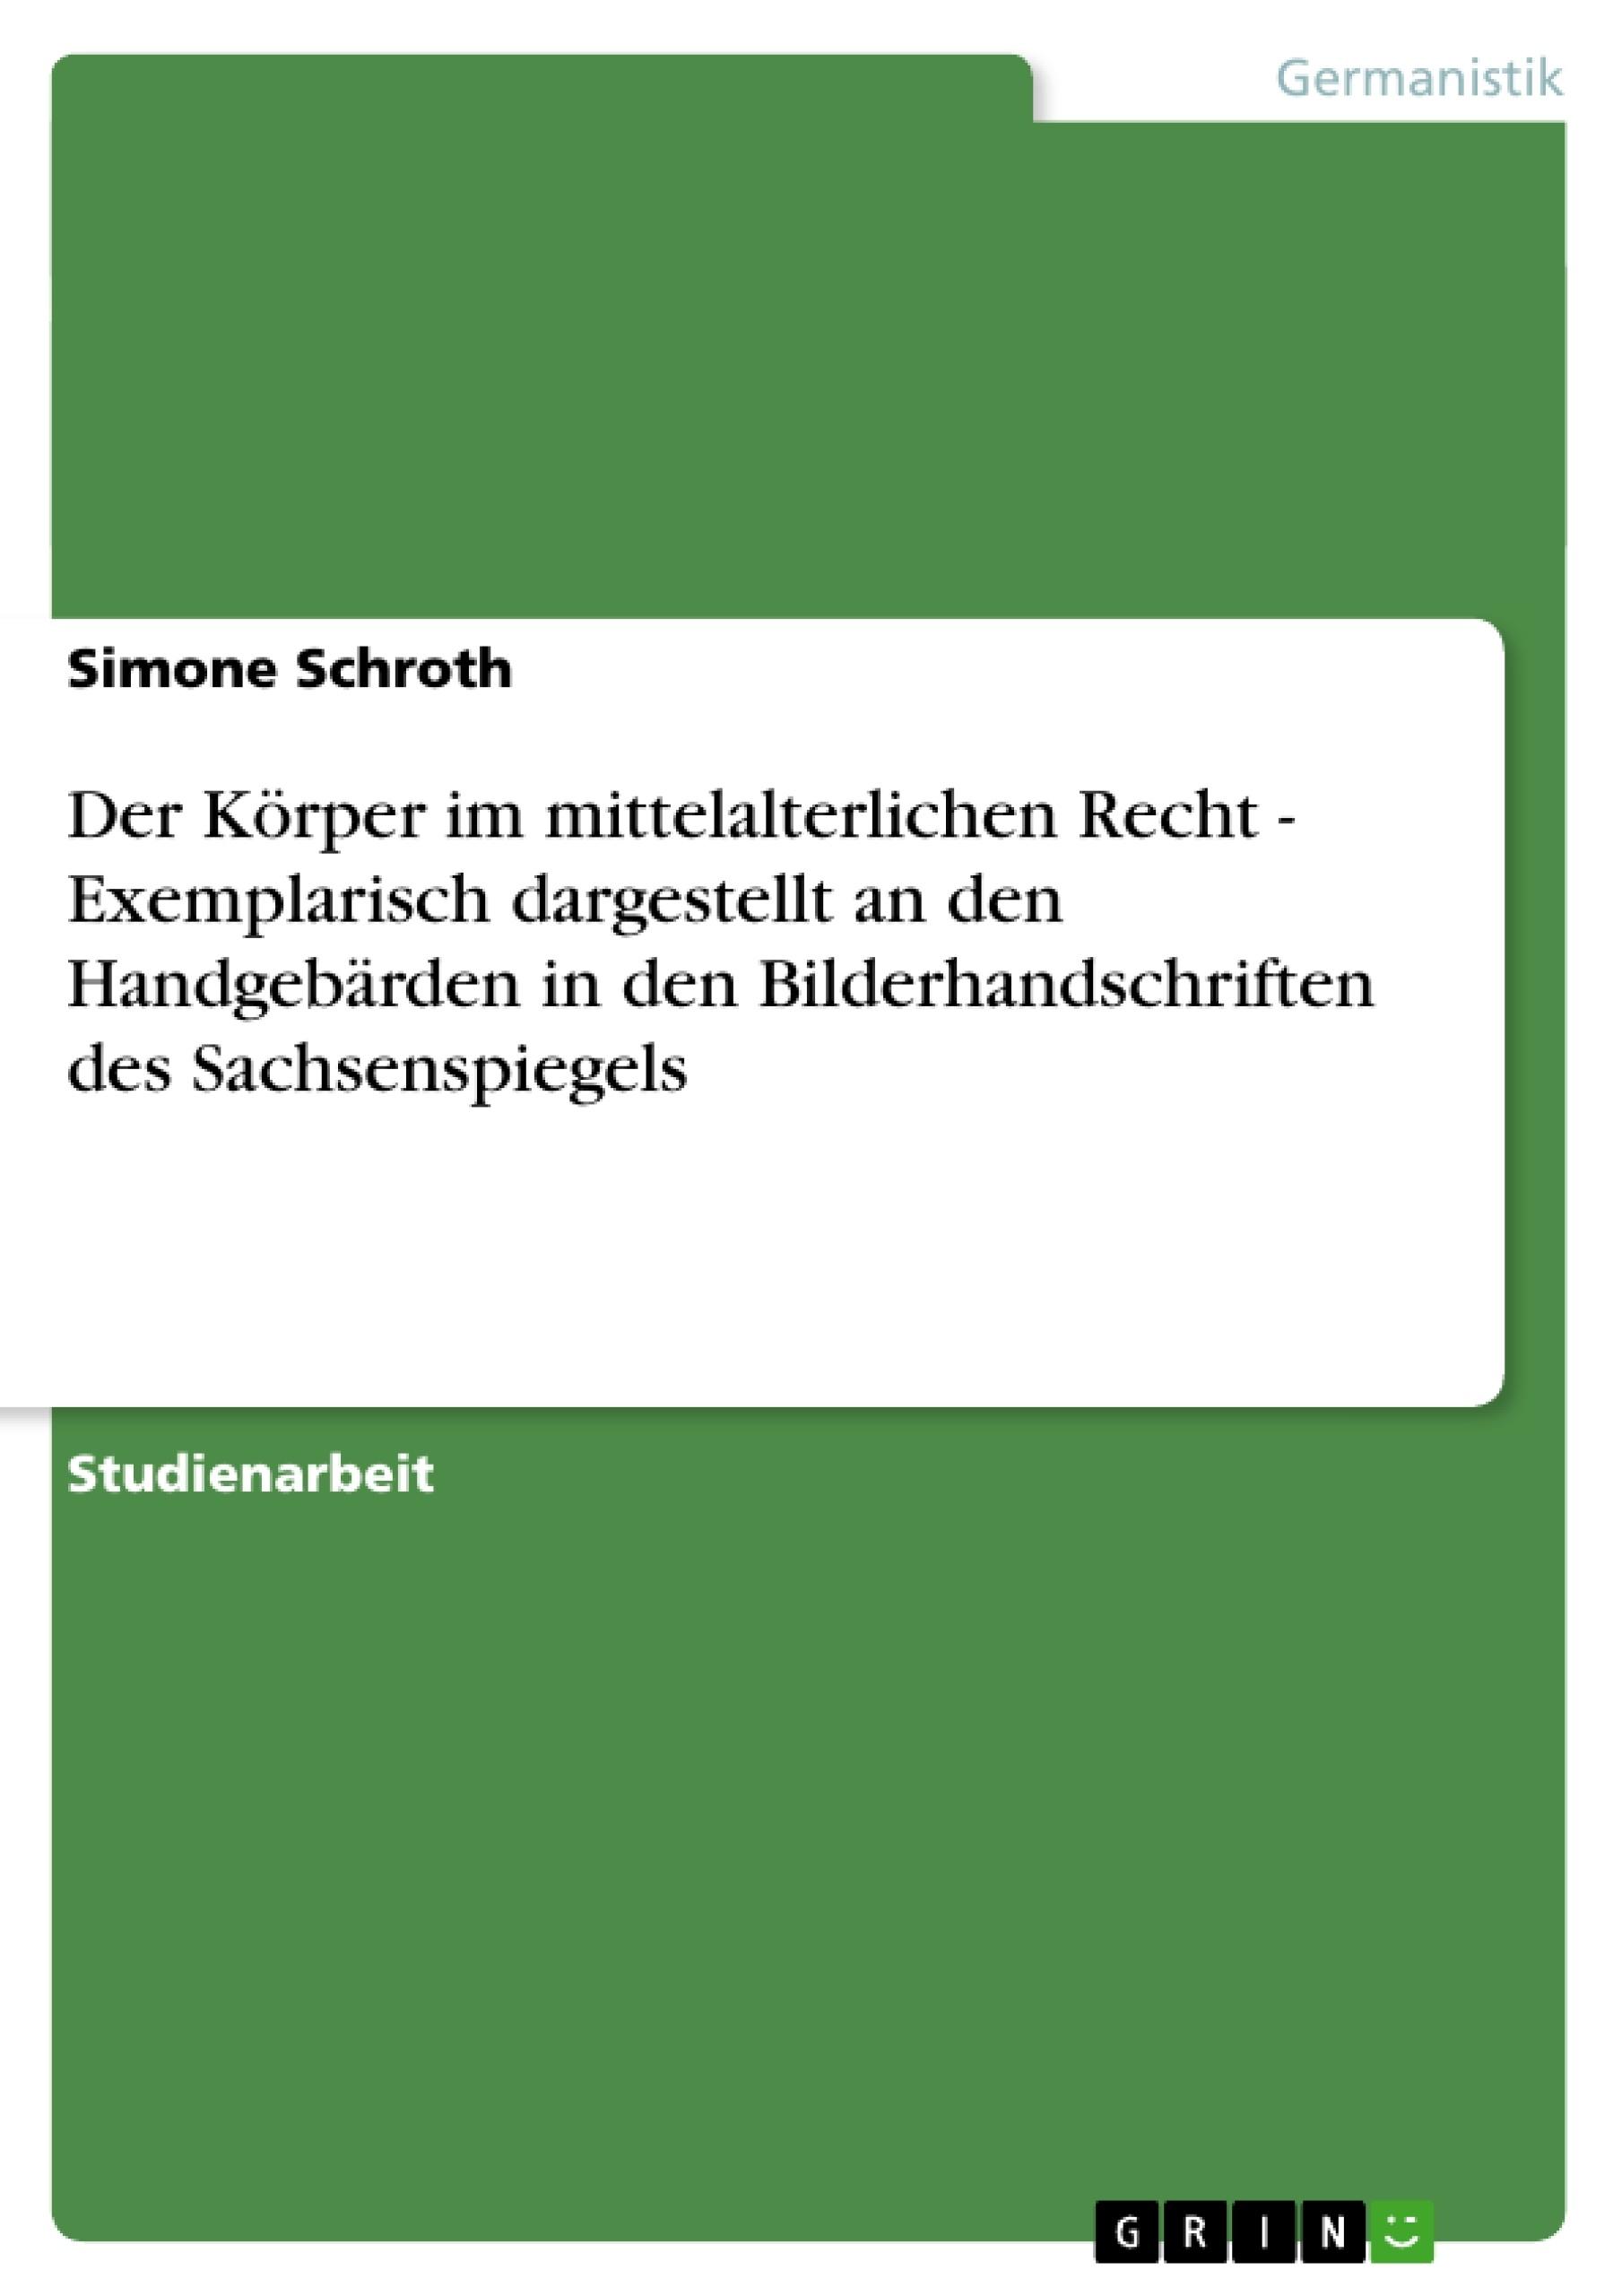 Titel: Der Körper im mittelalterlichen Recht - Exemplarisch dargestellt an den Handgebärden in den Bilderhandschriften des Sachsenspiegels